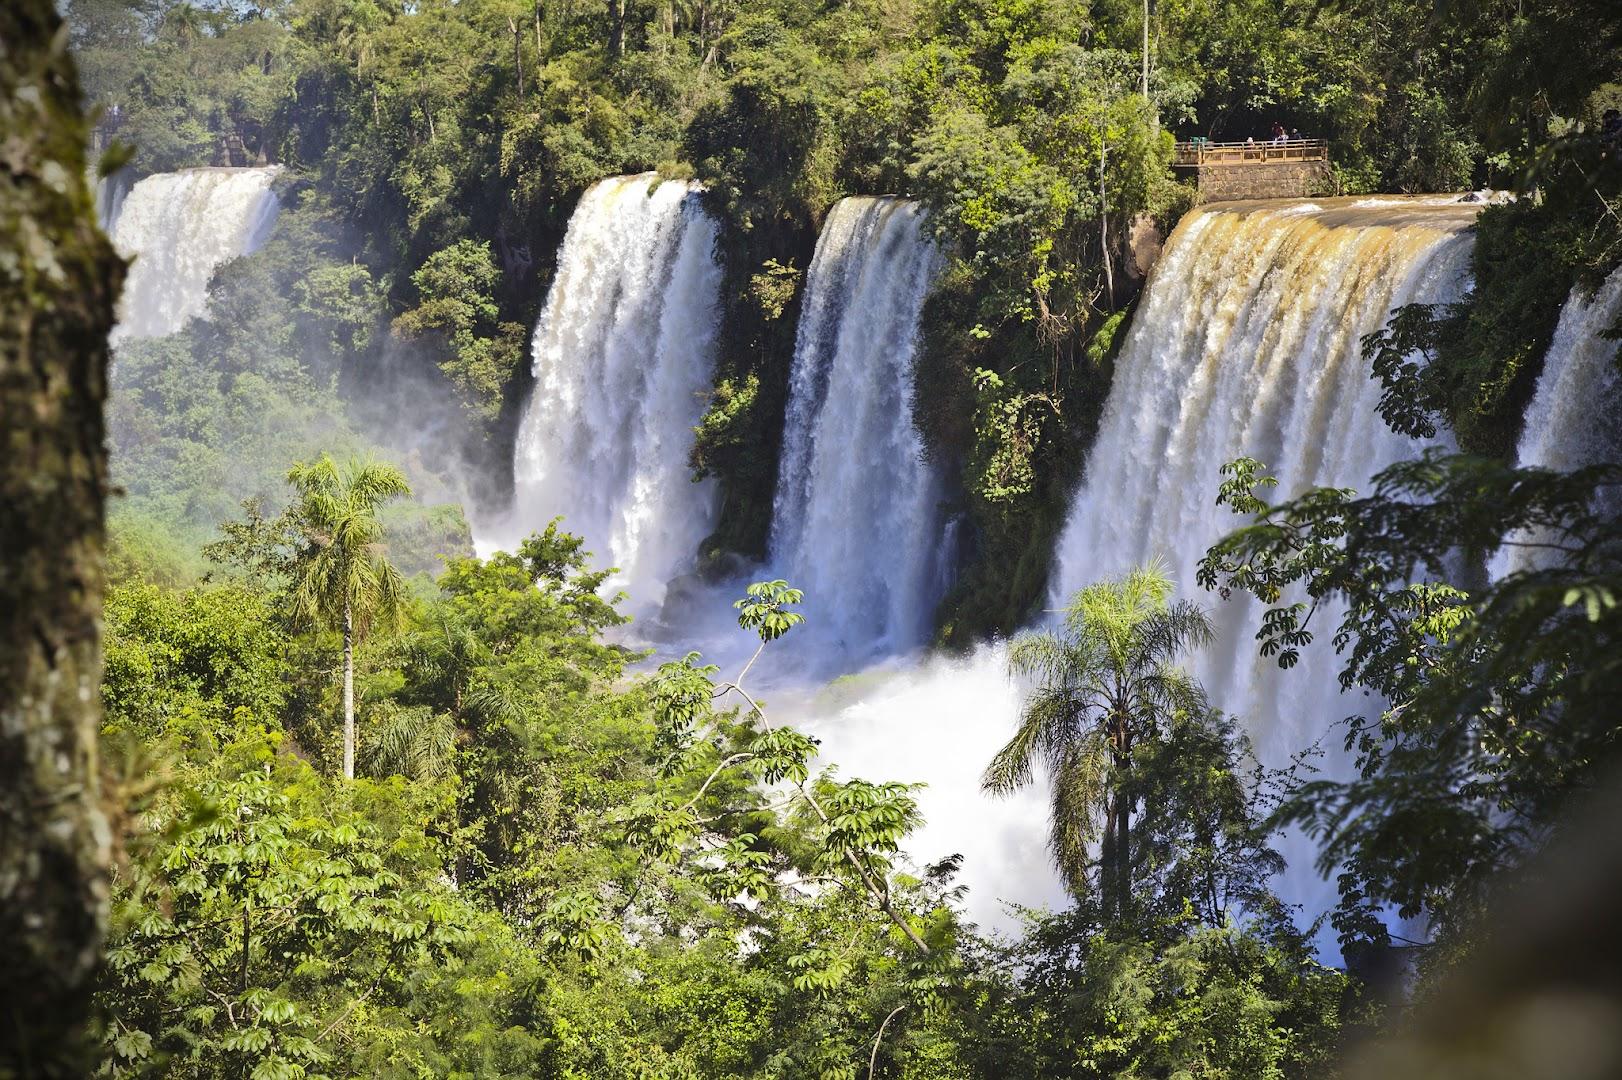 Iguazu has hundreds of smaller falls all around